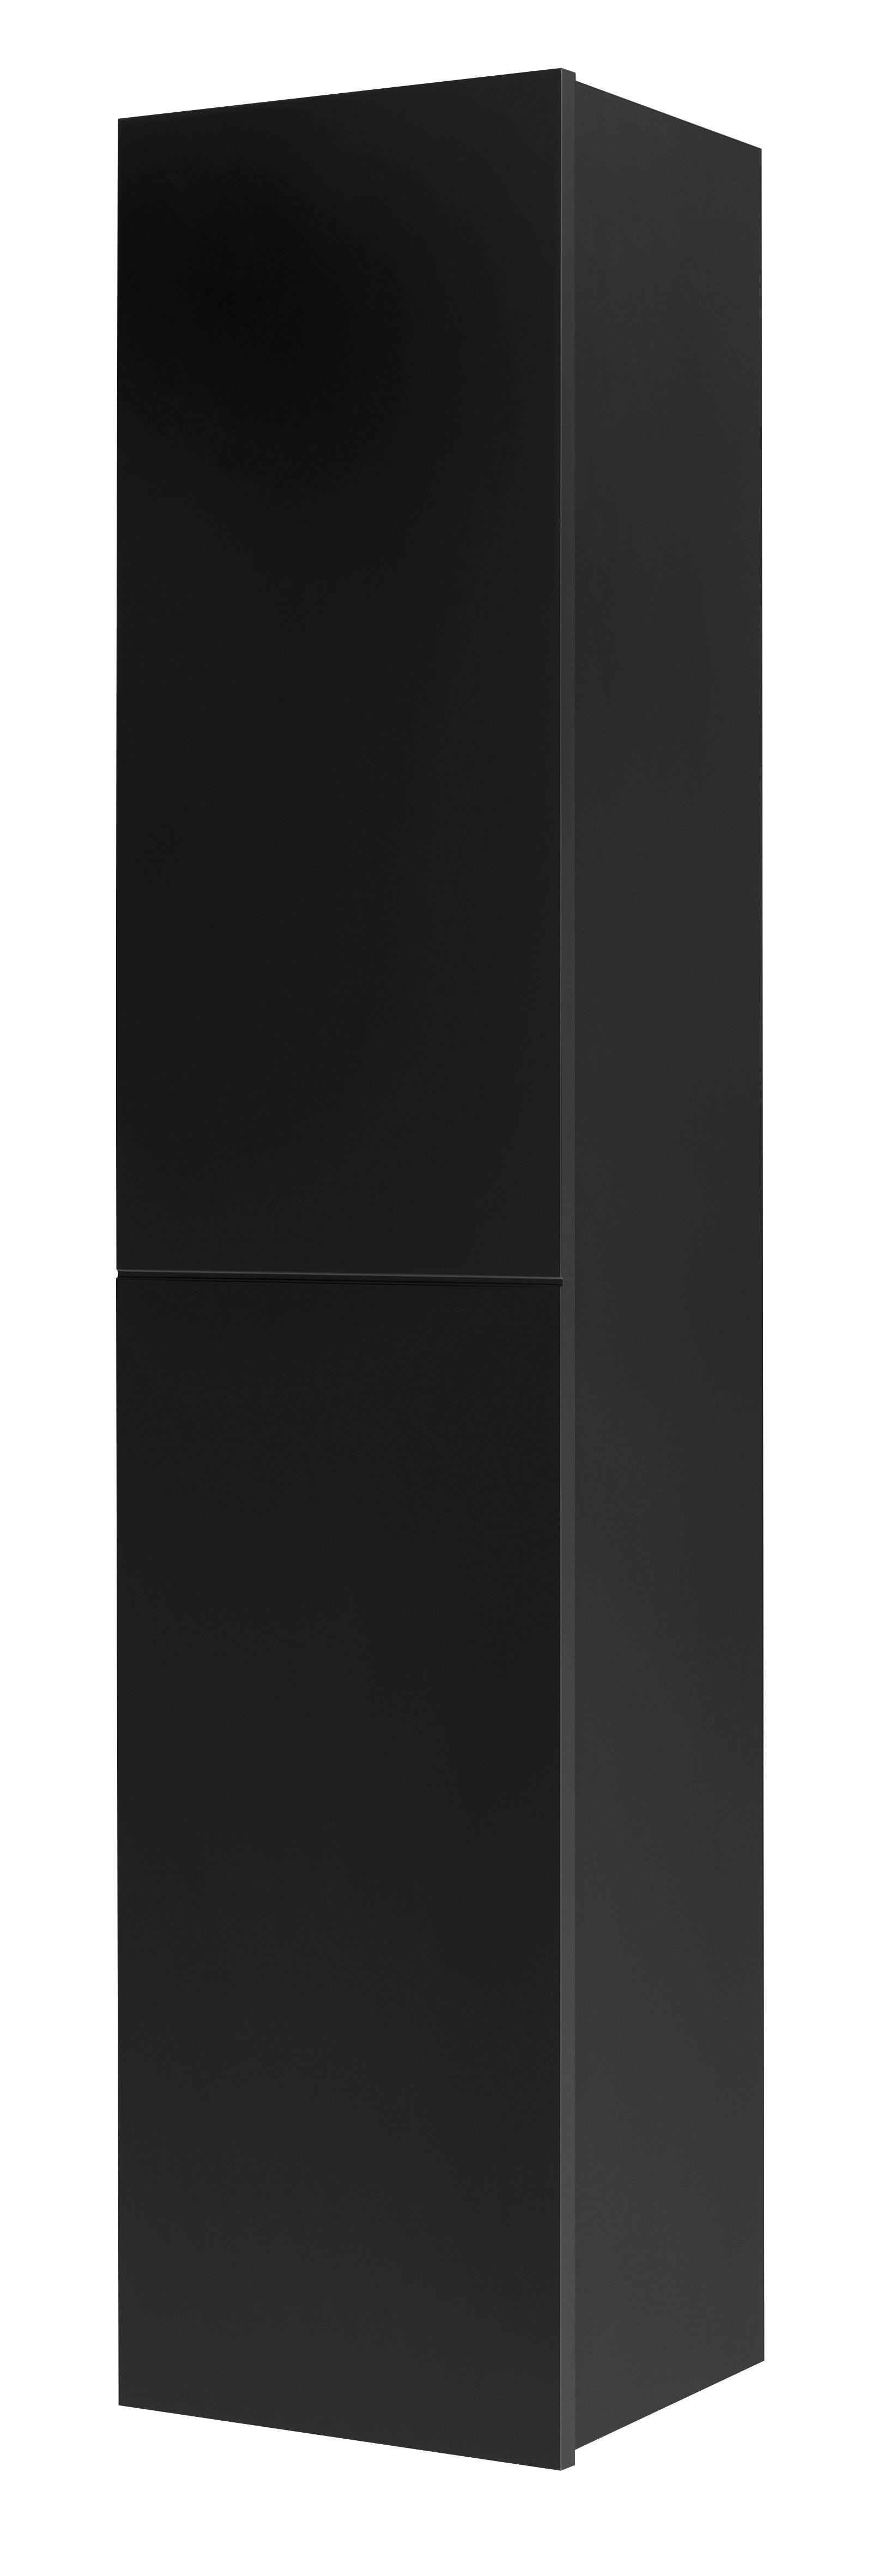 Tiger Items kolomkast met deur en 2 lades 160 cm hoog zwart hoogglans